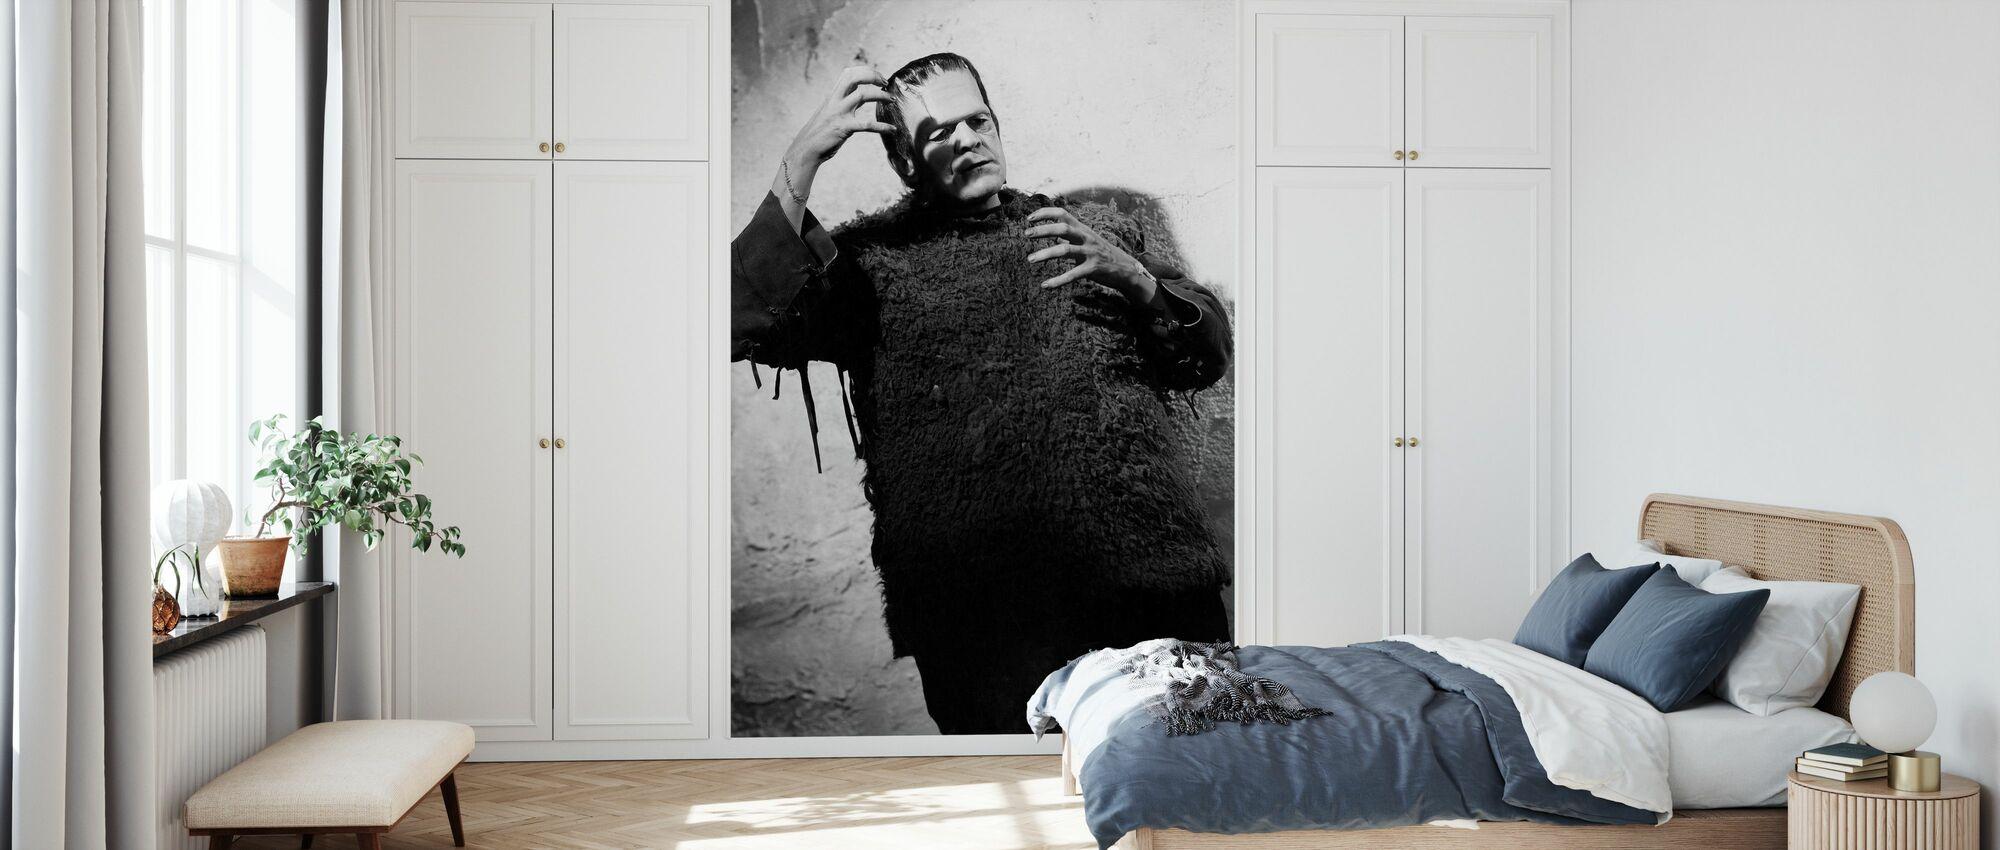 Son of Frankenstein - Wallpaper - Bedroom